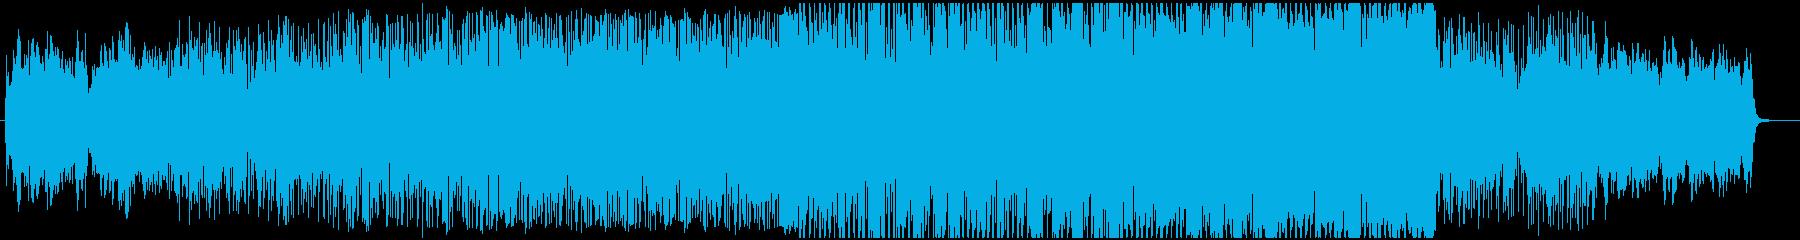 静かめのオープニング・エレクトロBGMの再生済みの波形